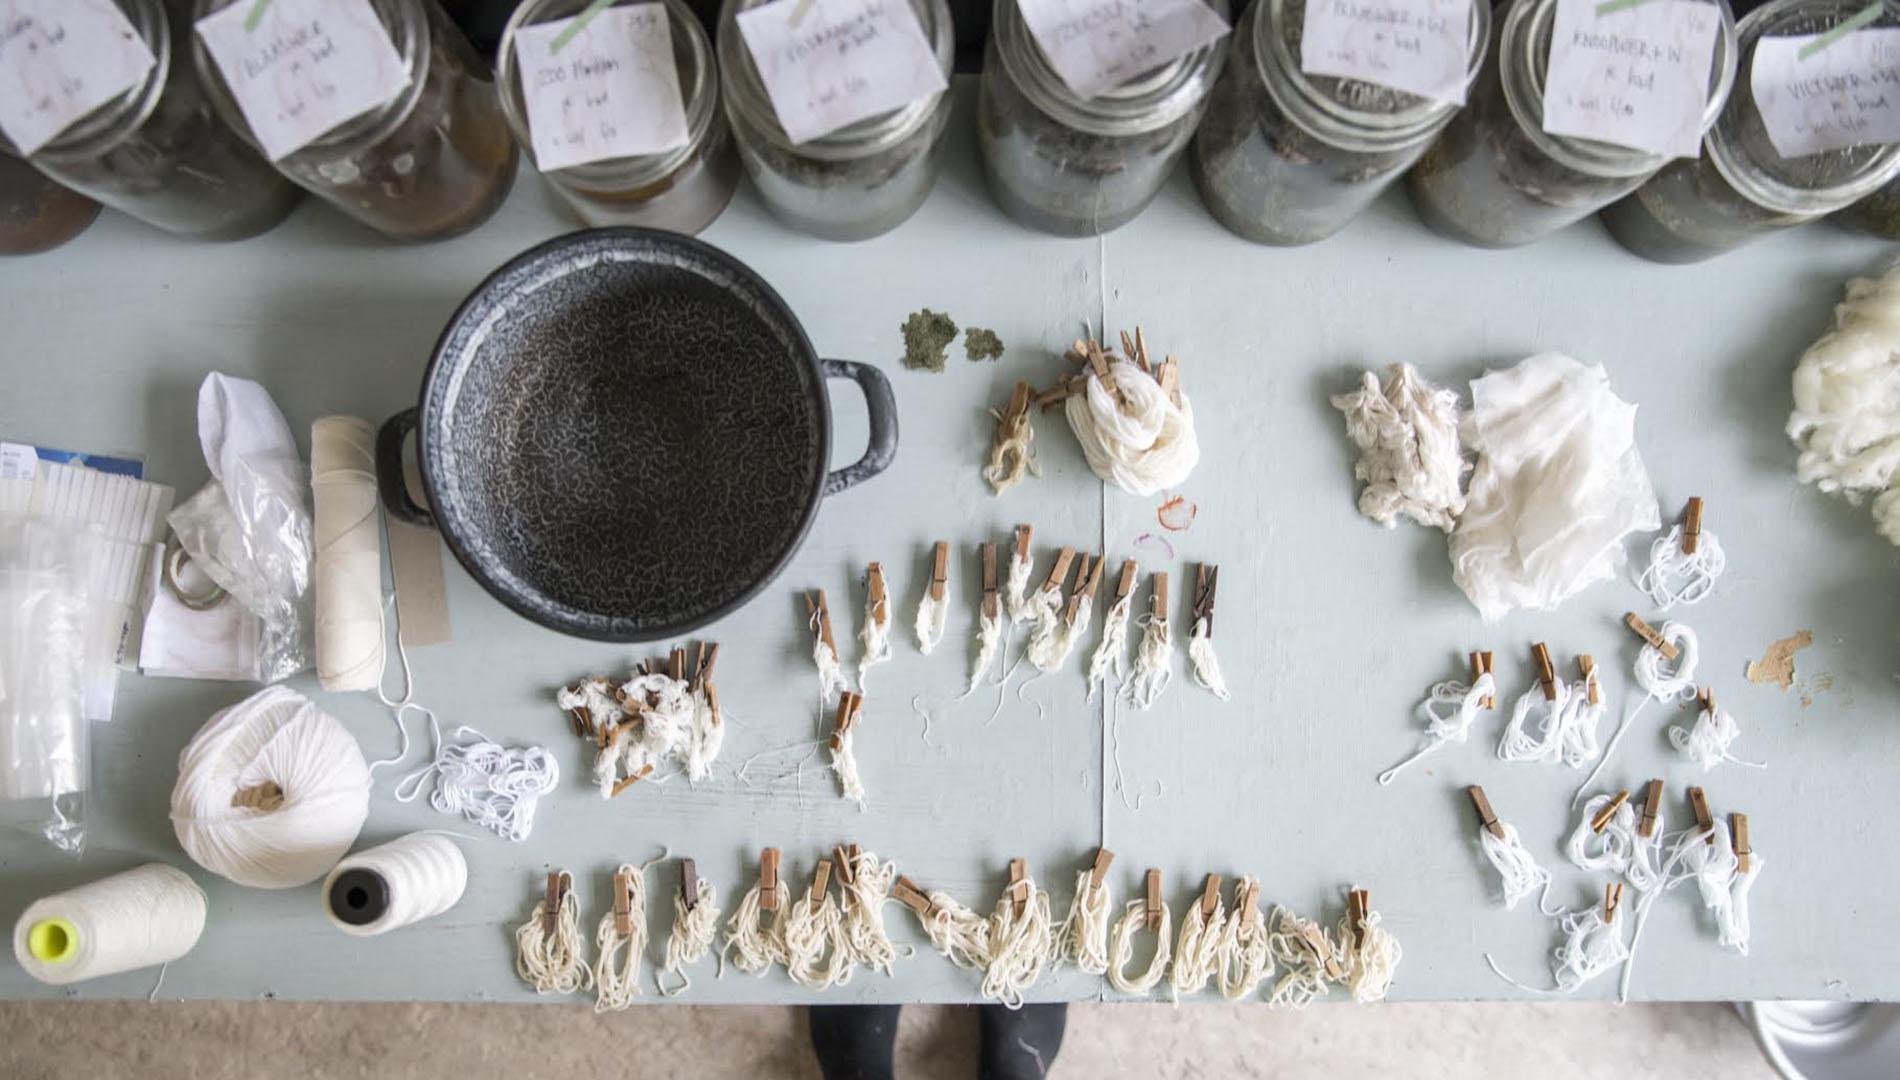 Los procesos de tintado alternativo permiten evitar en la moda materiales poco ecológicos como la ropa de plástico.